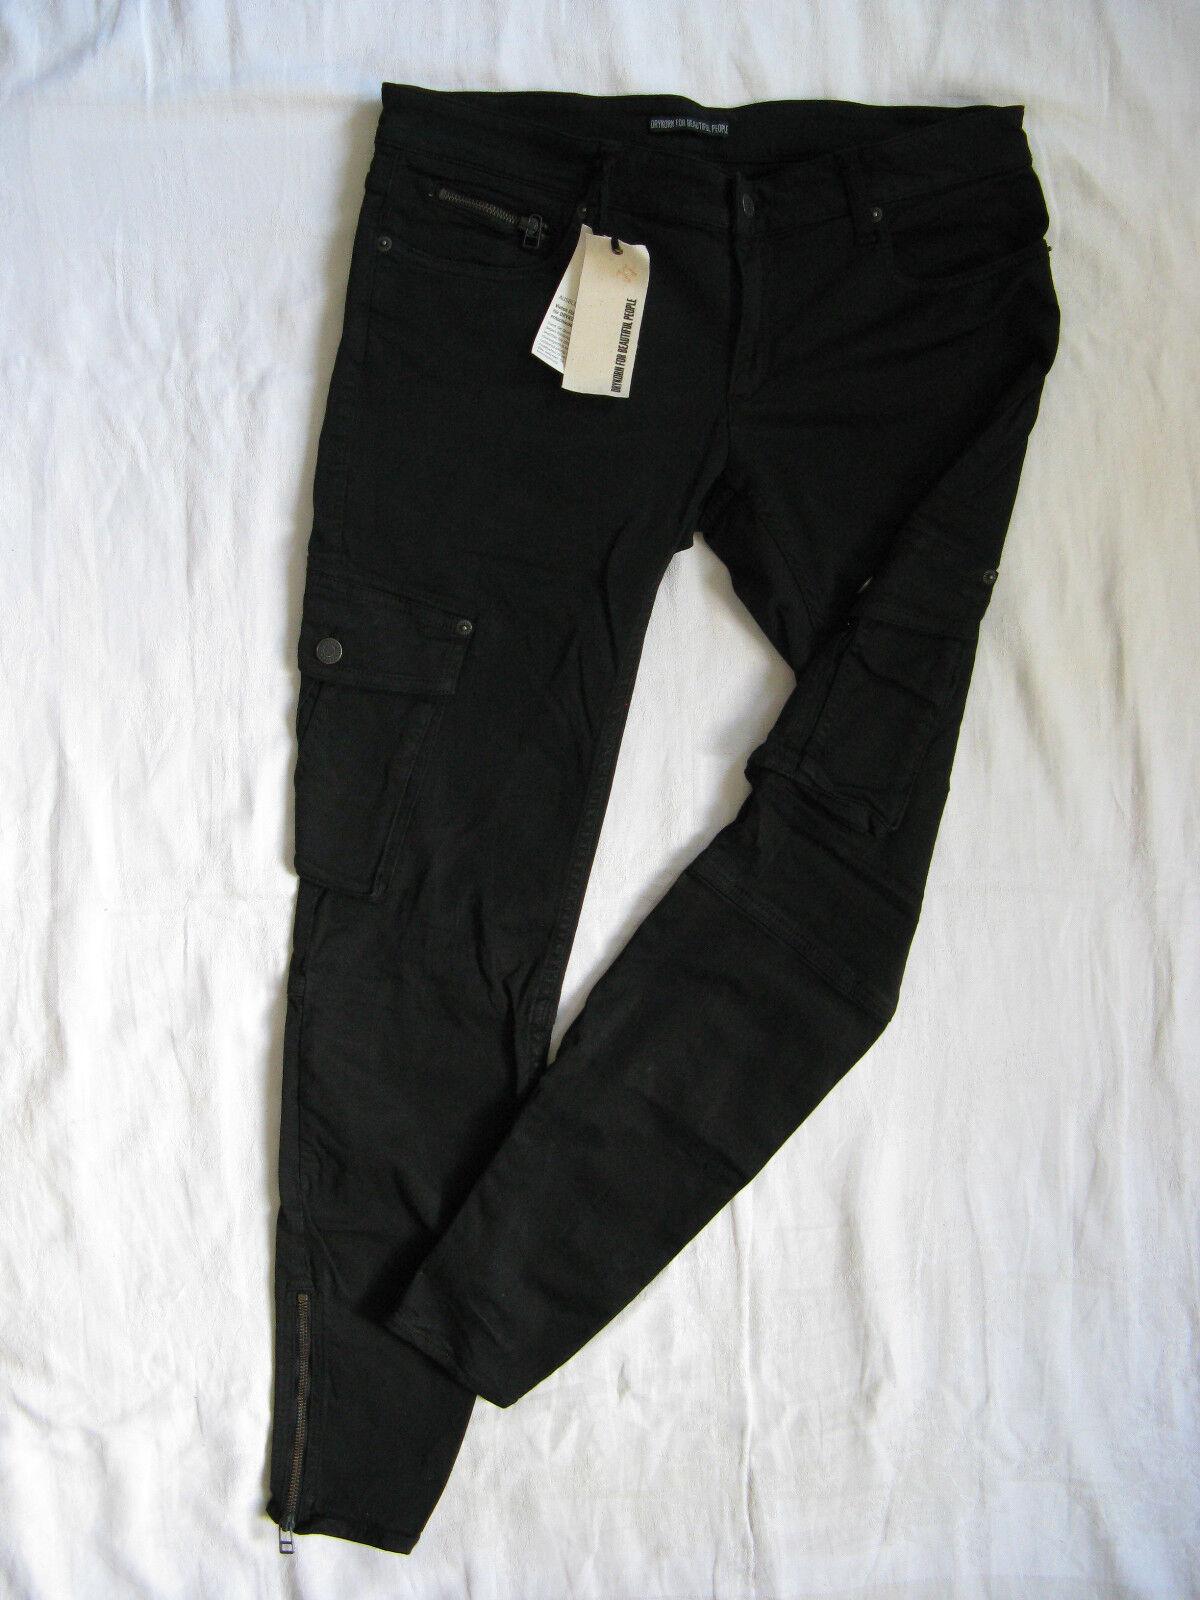 Drykorn Damen Jeans Röhre Denim Stretch Cargo W31 L30 x-low waist slim fit pipe